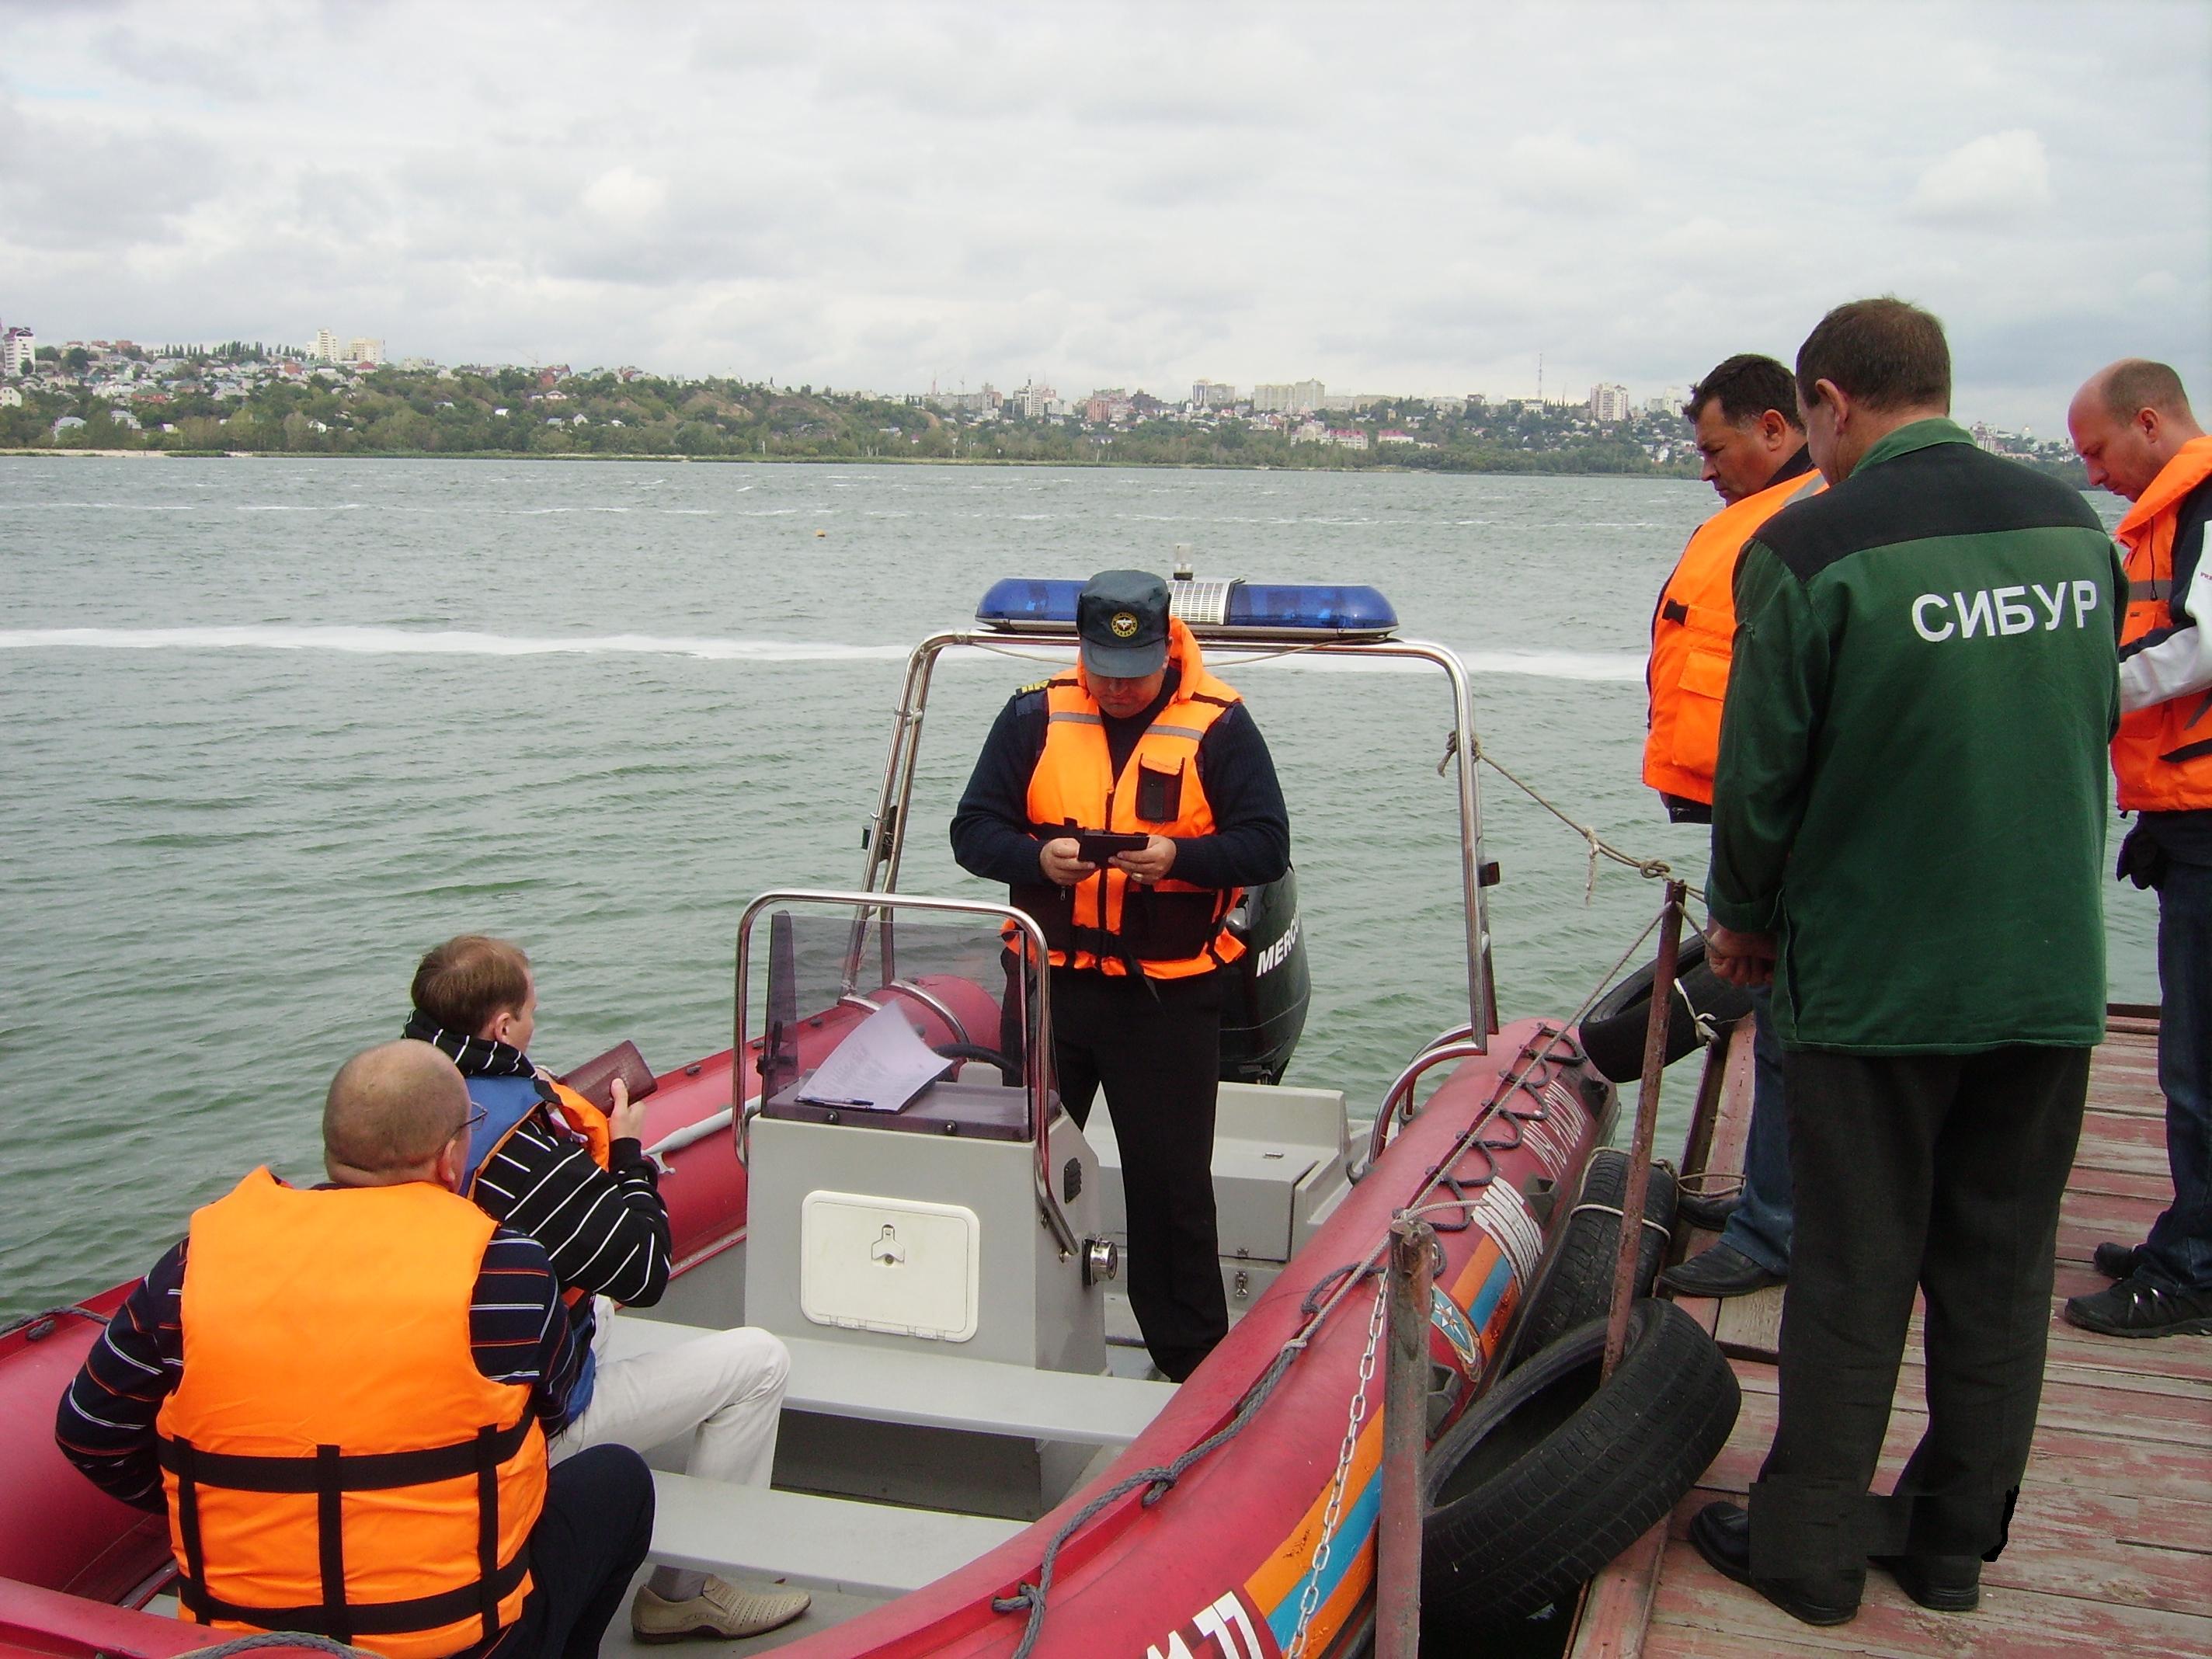 гимс права на управление моторной лодкой получить